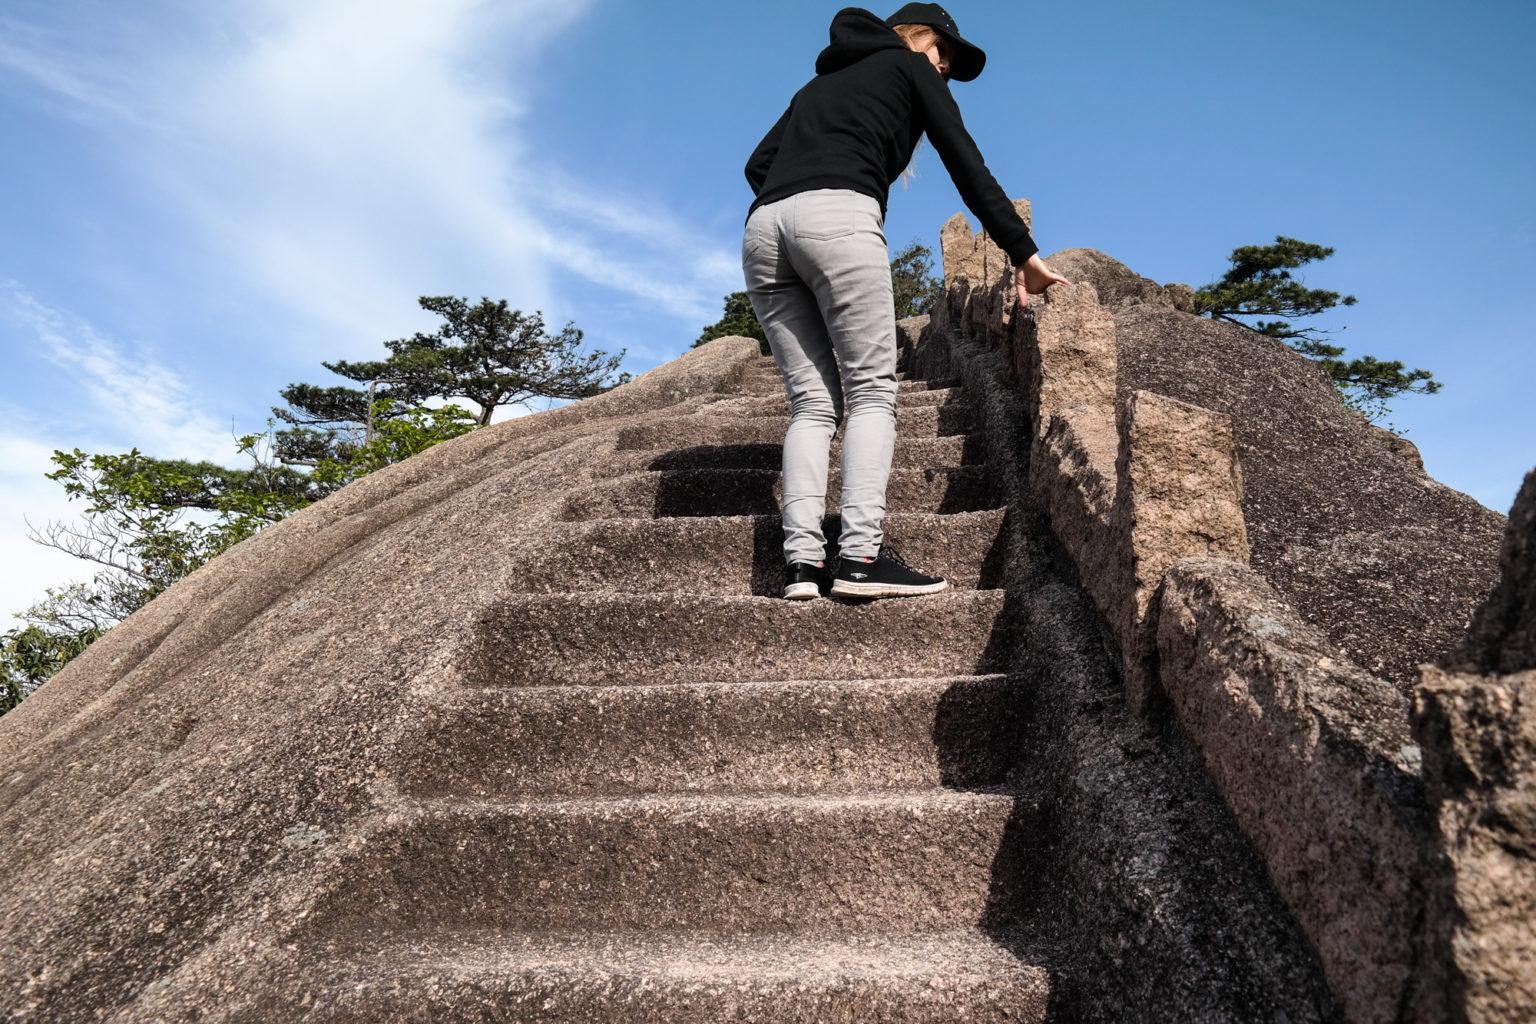 schody wykute w skale